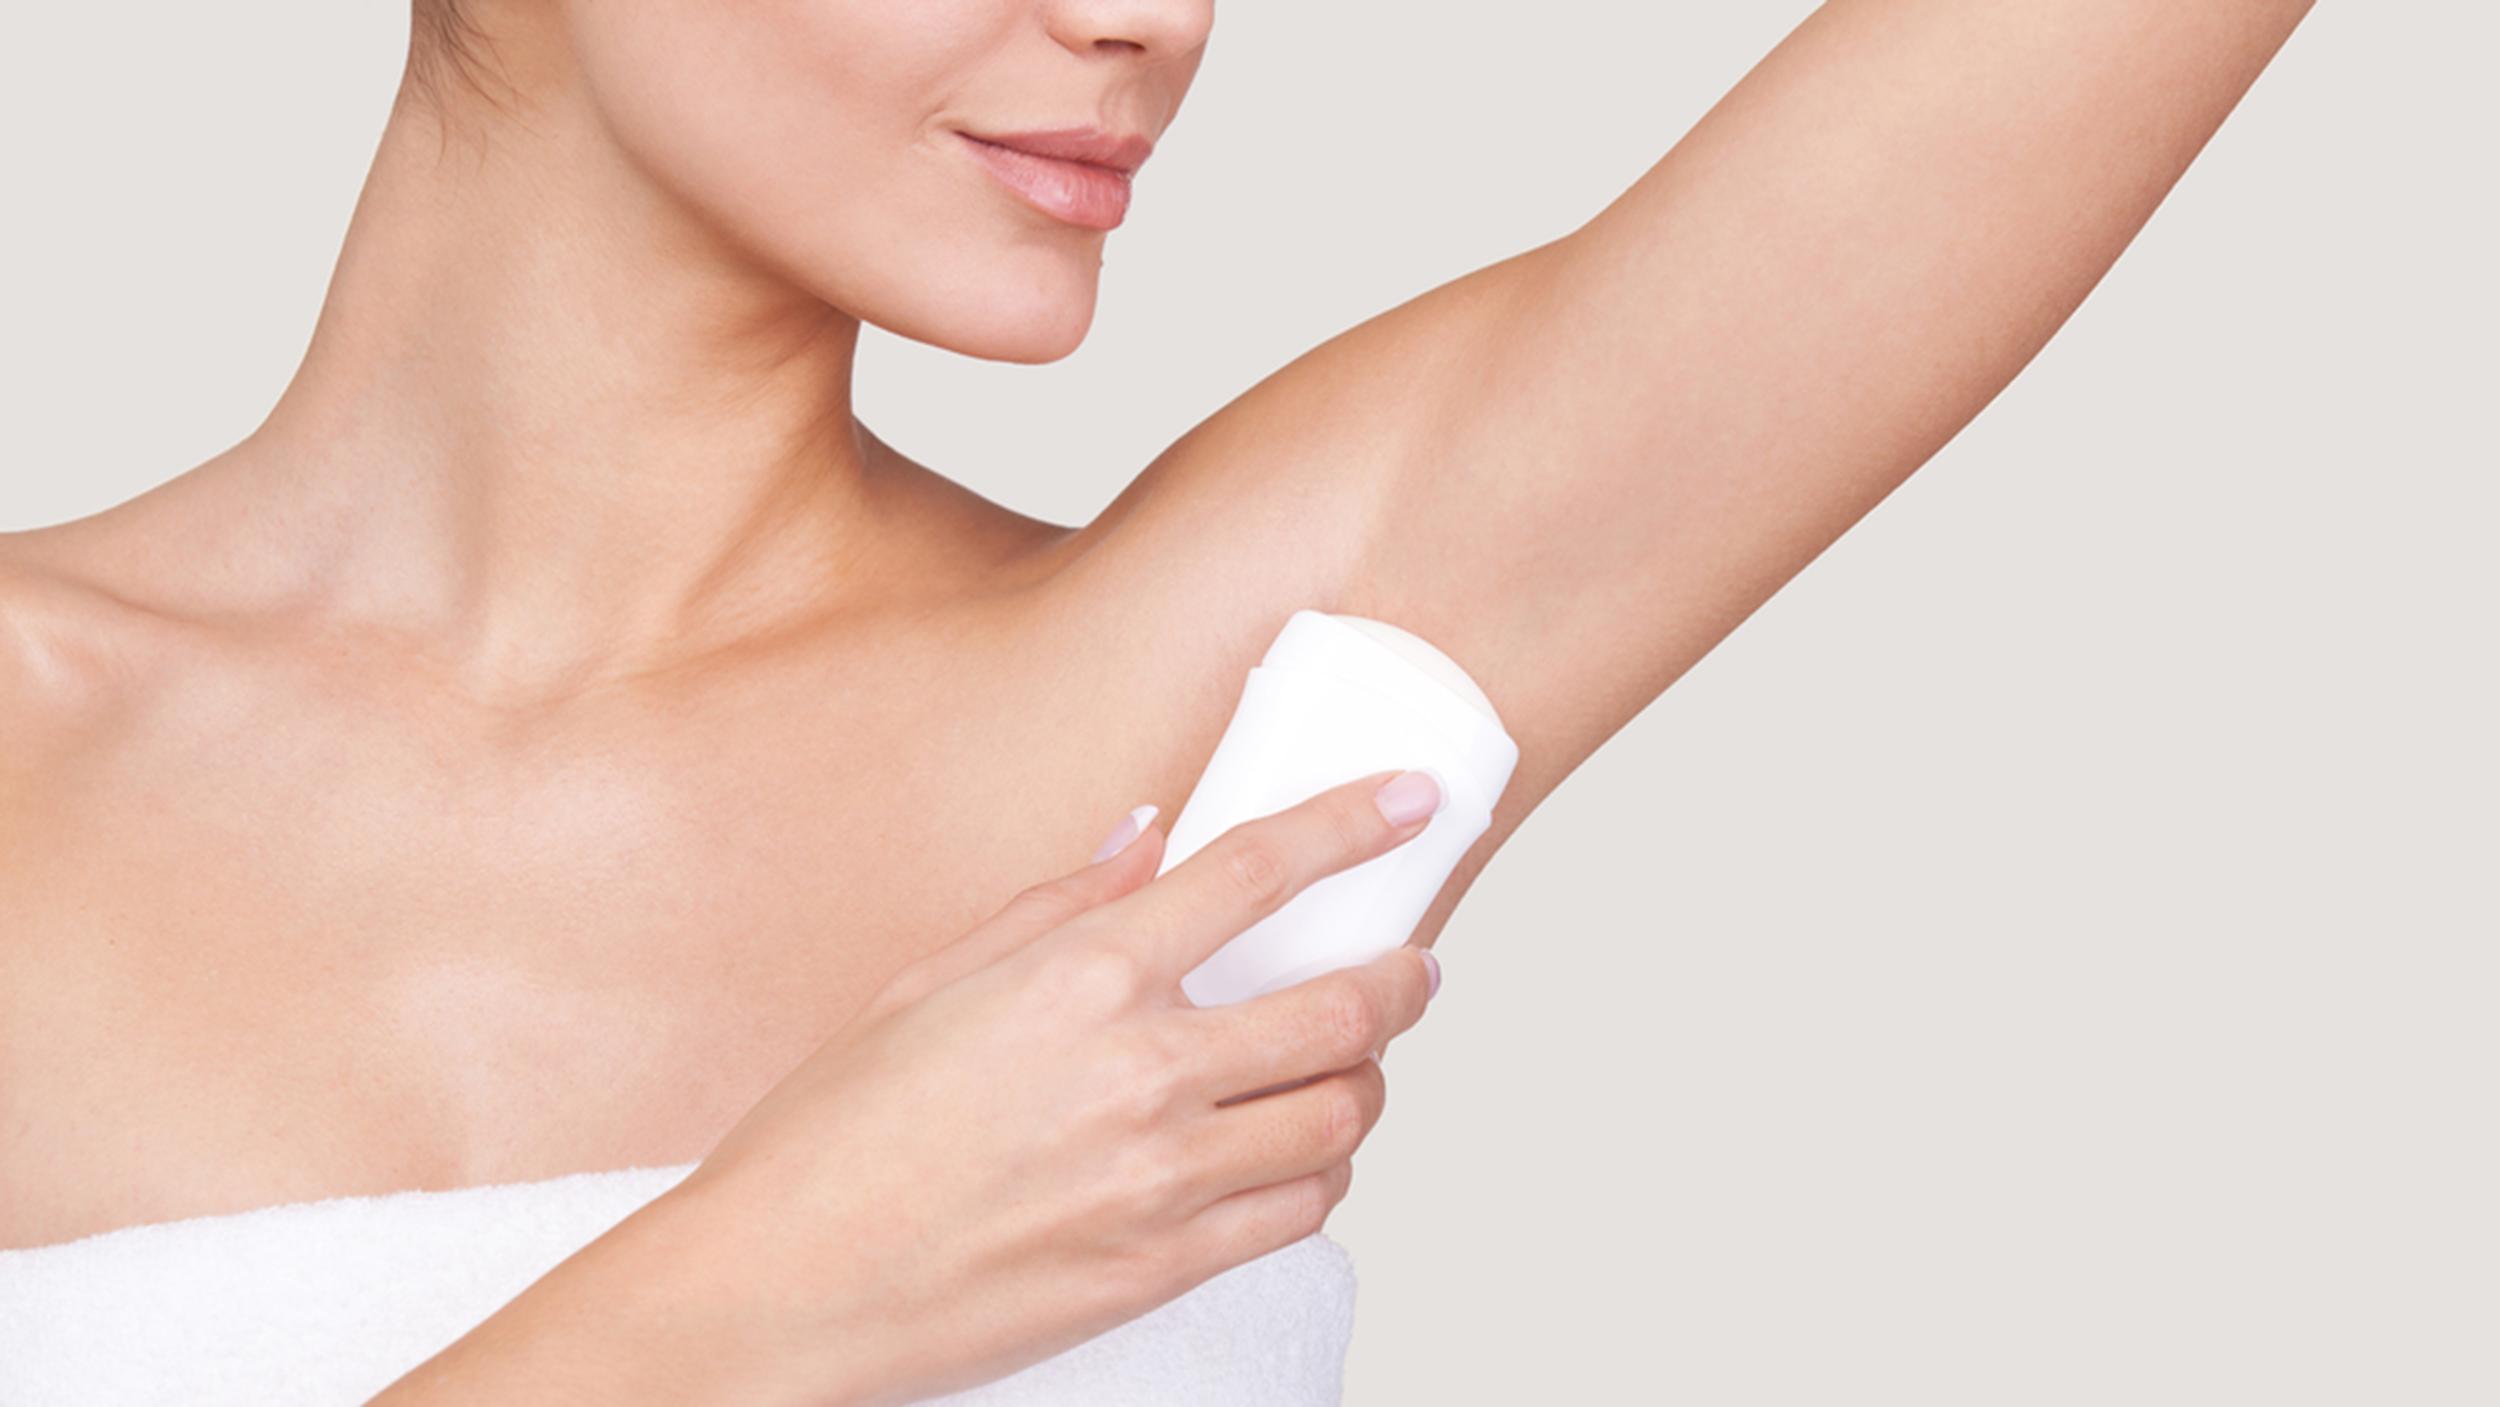 Αποτέλεσμα εικόνας για deodorant for women